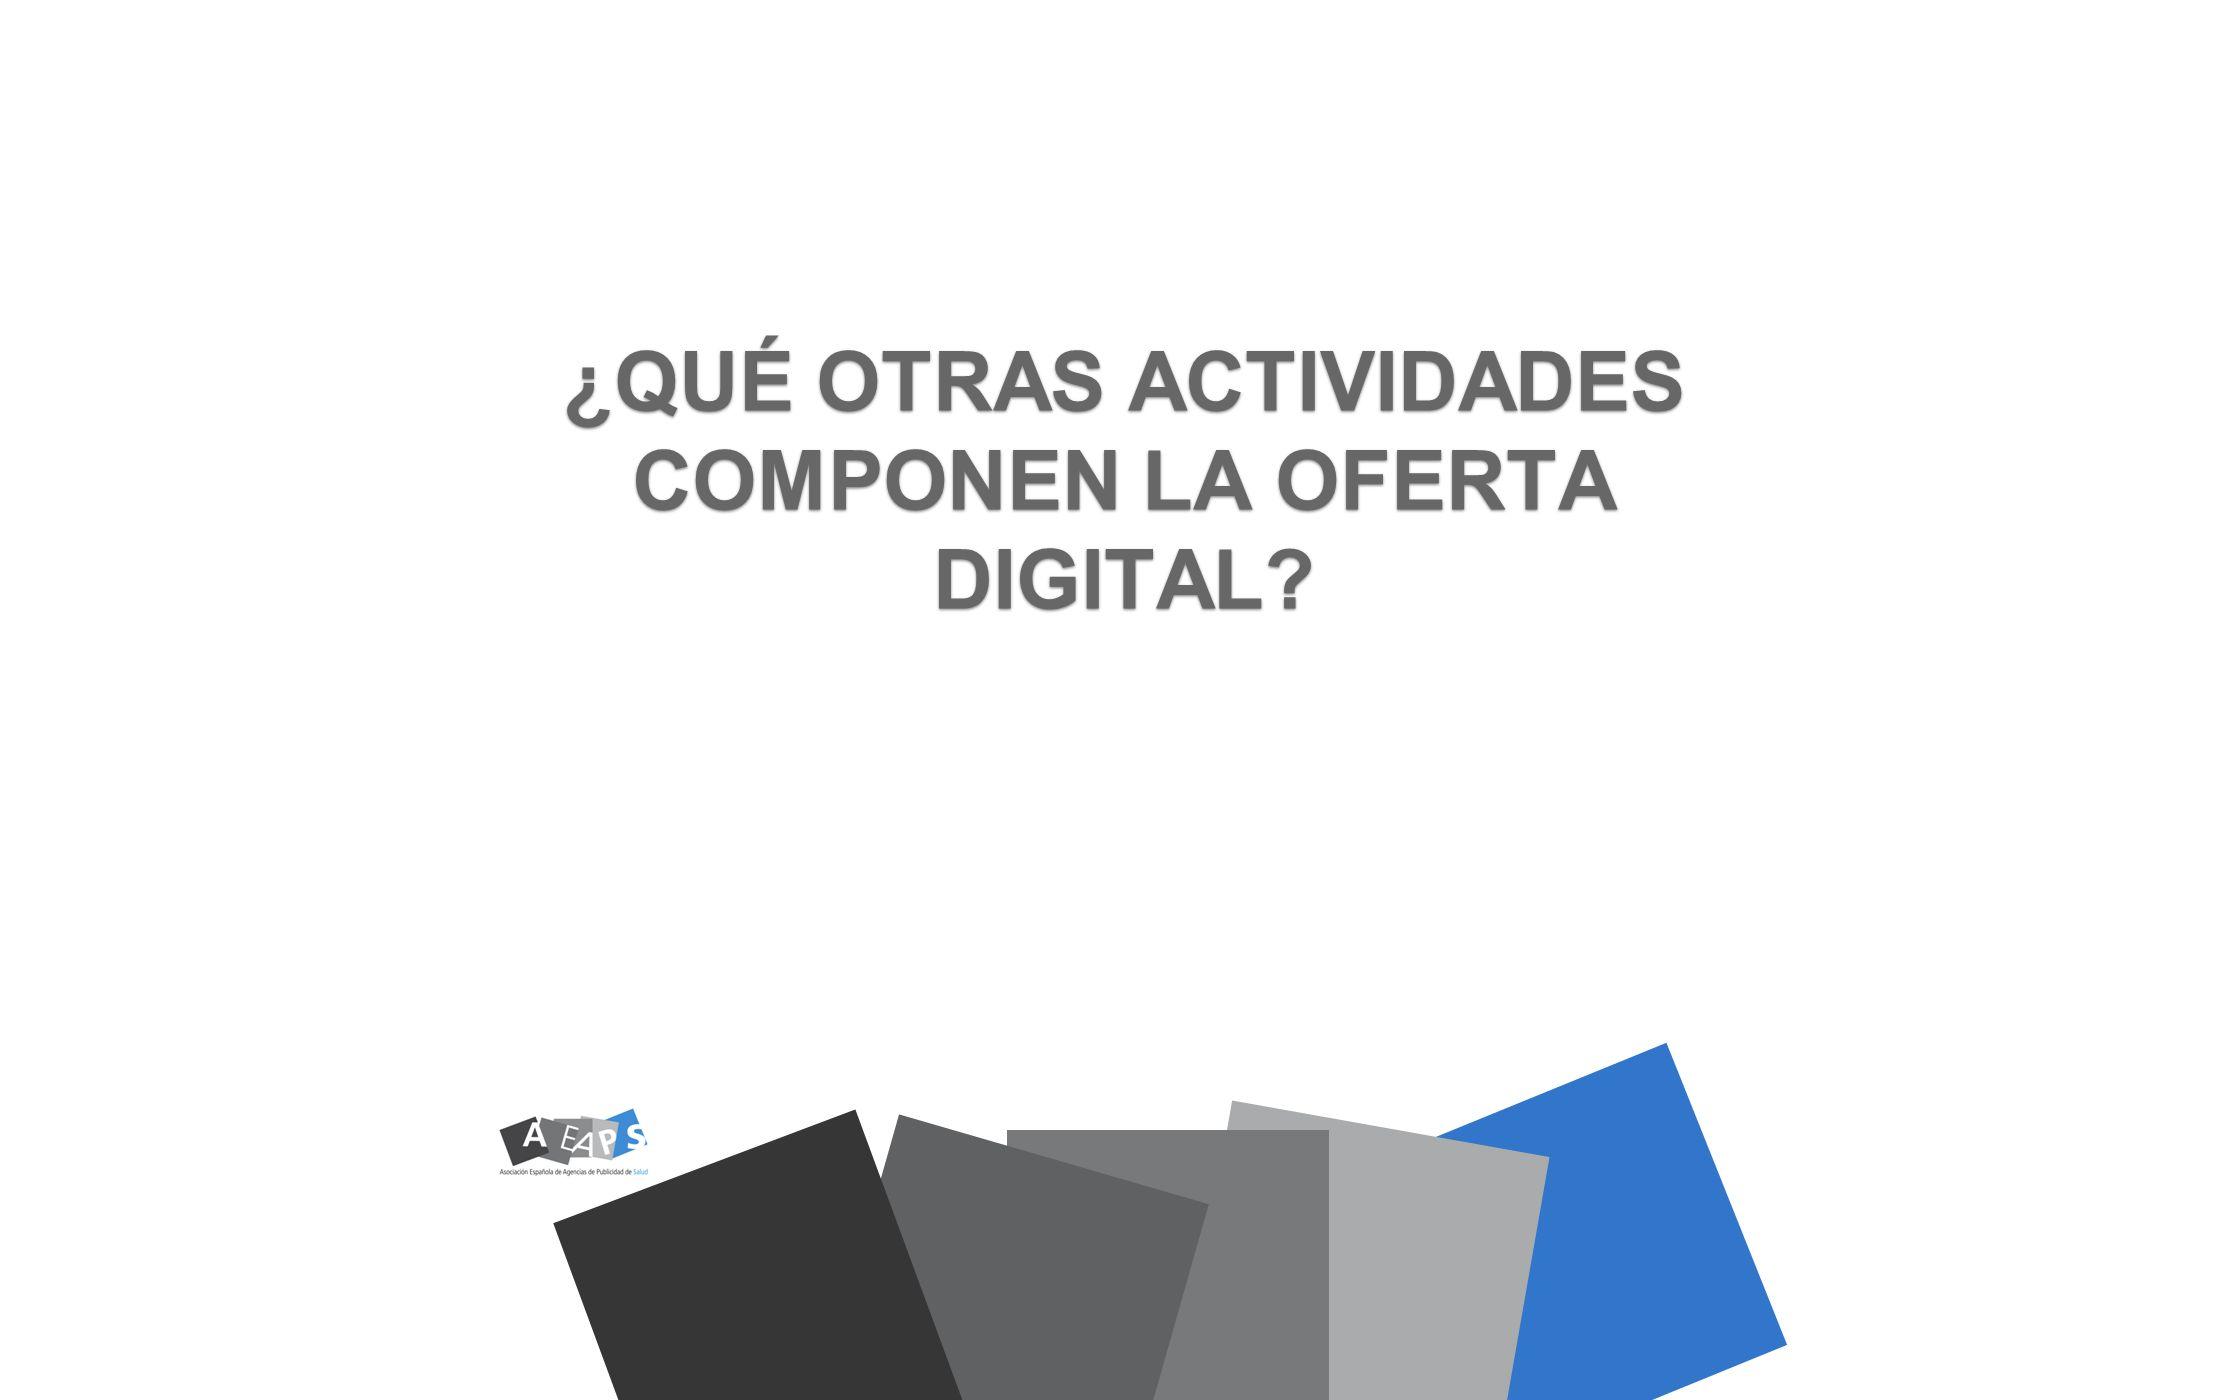 ¿QUÉ OTRAS ACTIVIDADES COMPONEN LA OFERTA DIGITAL